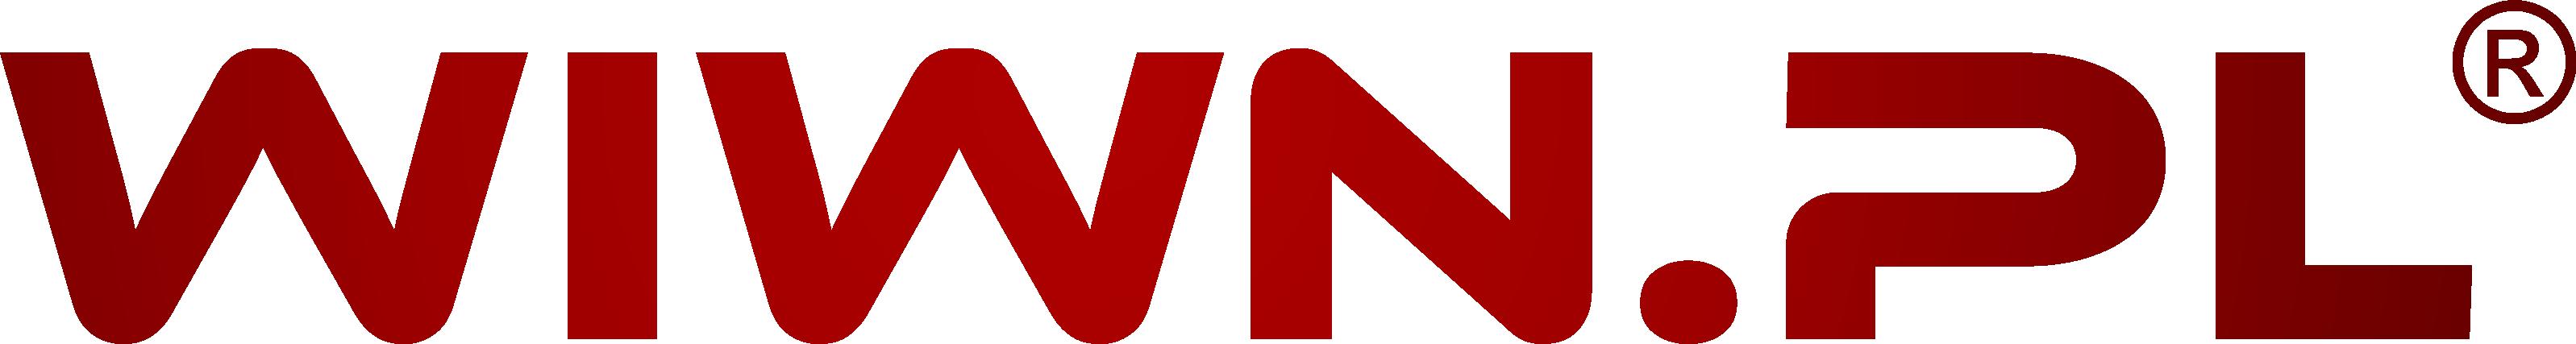 logo-wiwn-napis